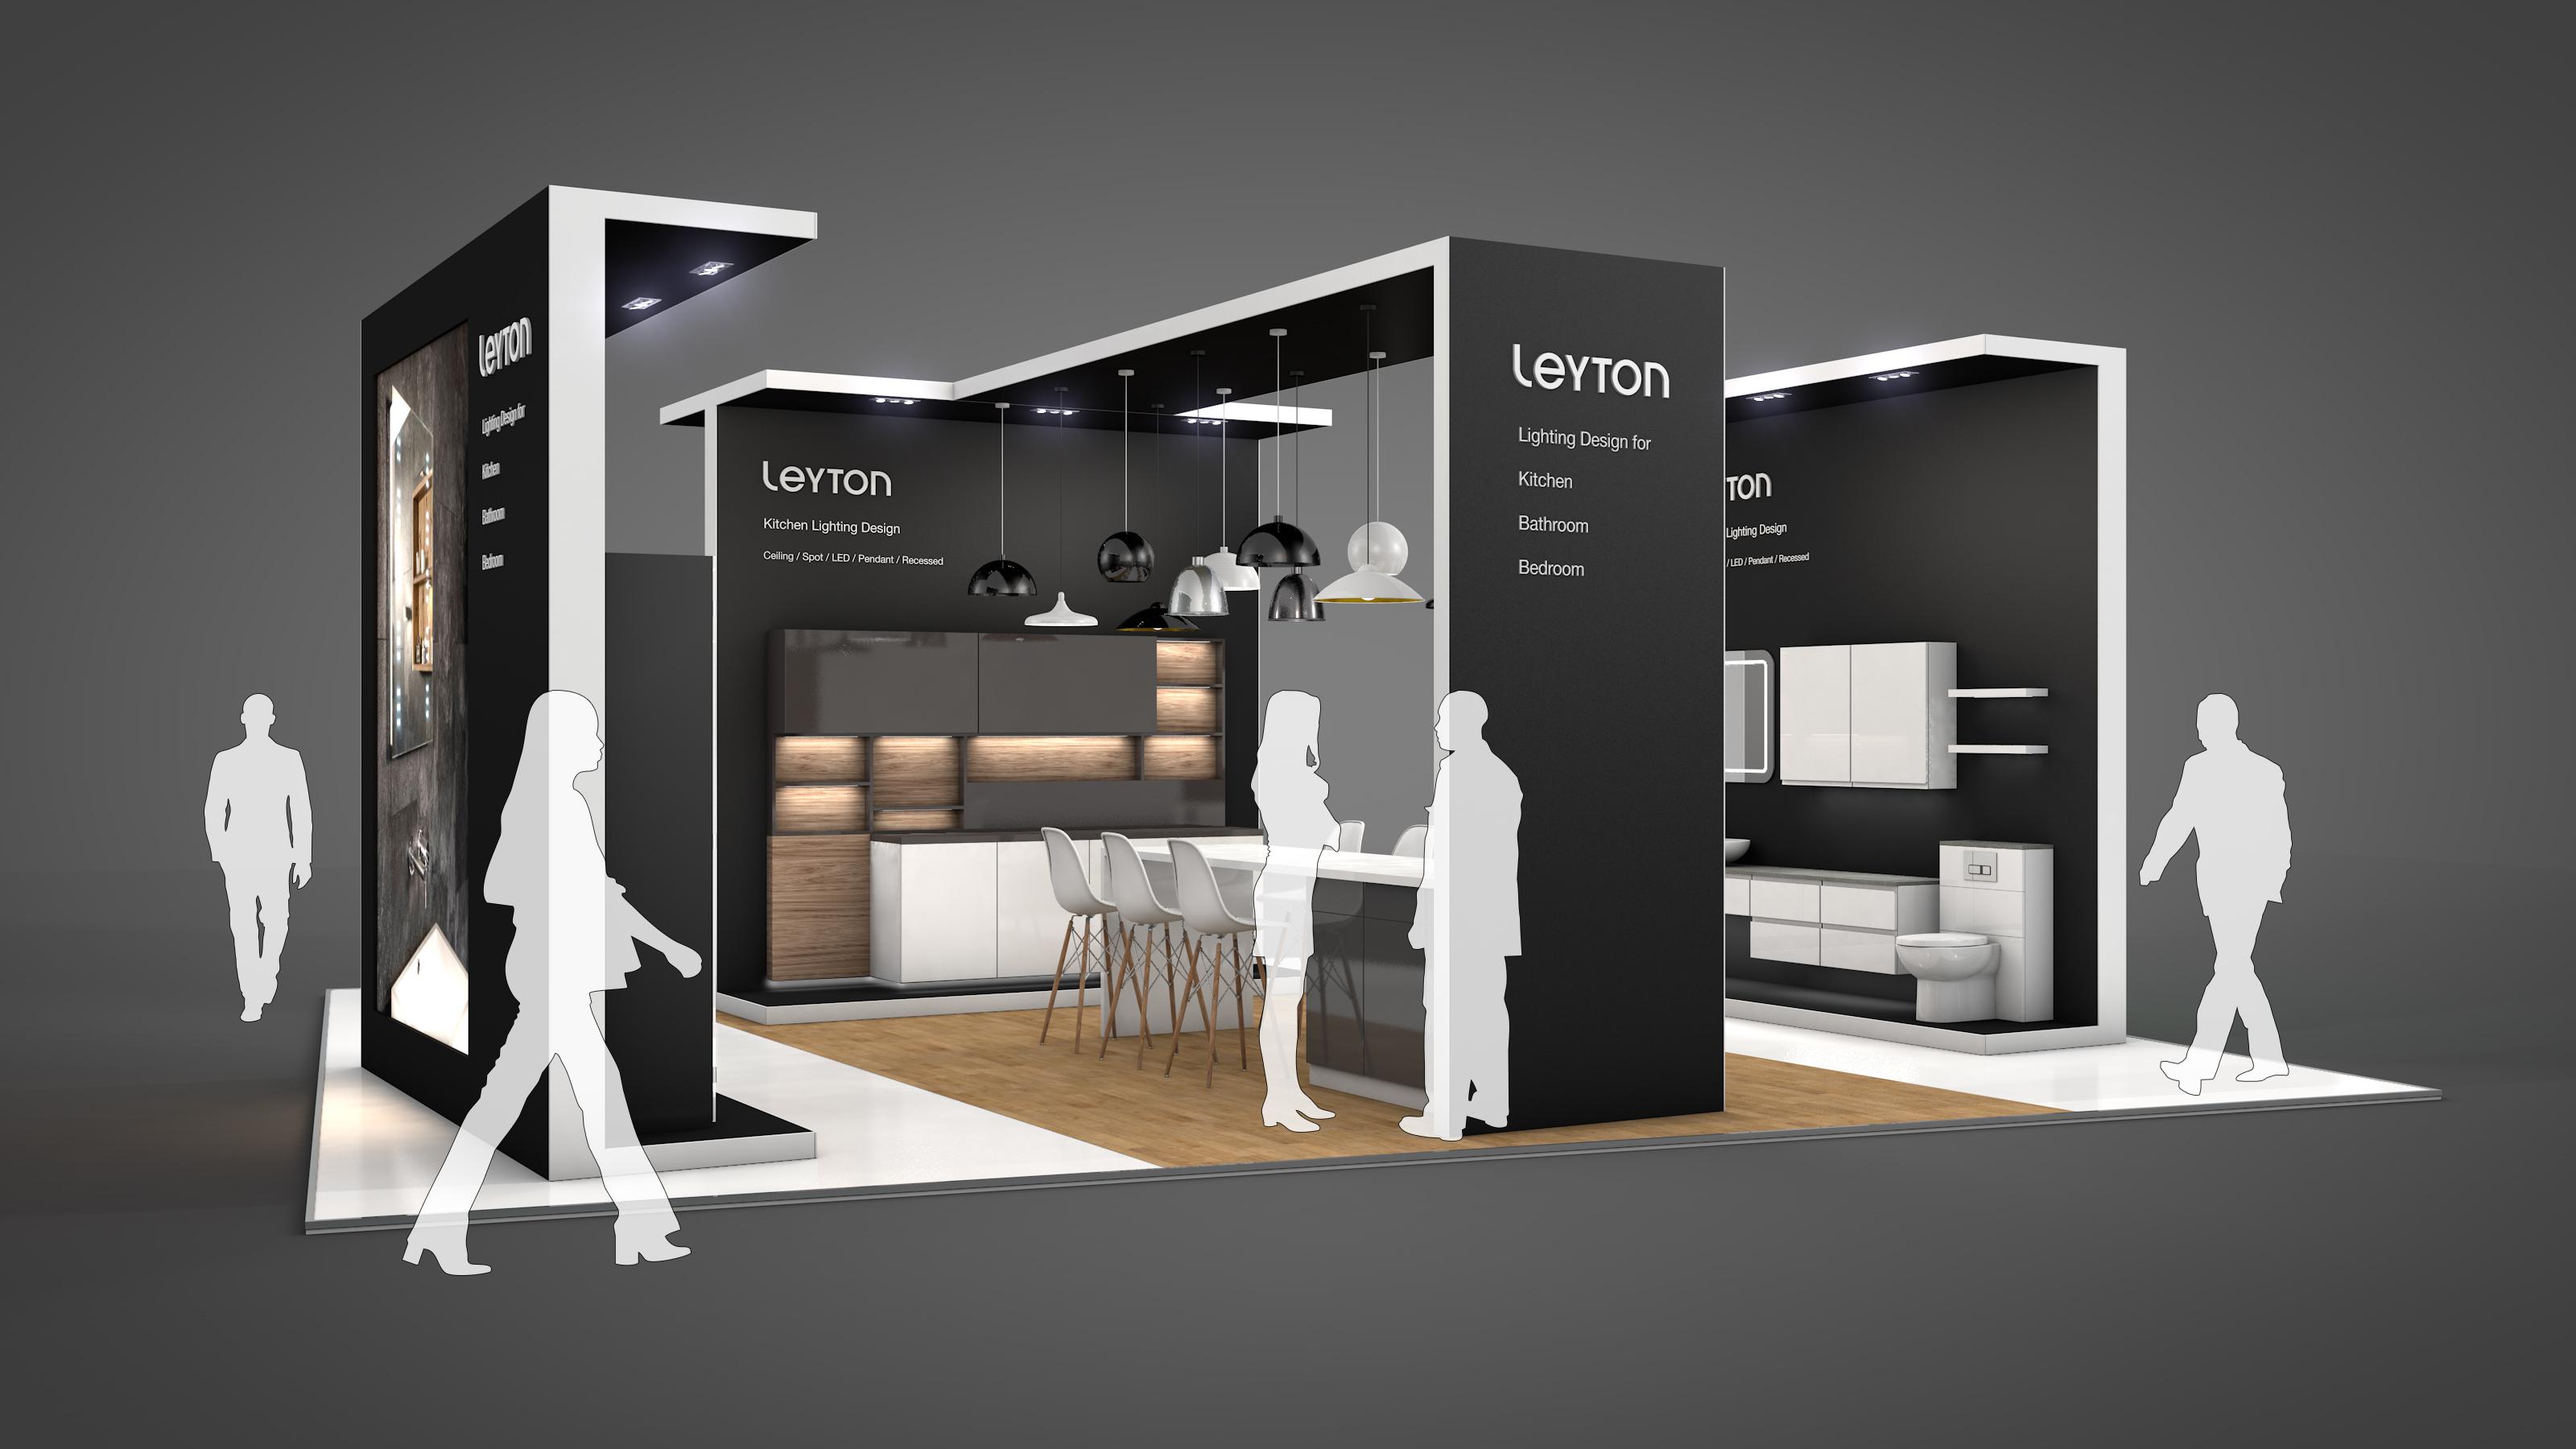 leyton lighting - kbb 2018